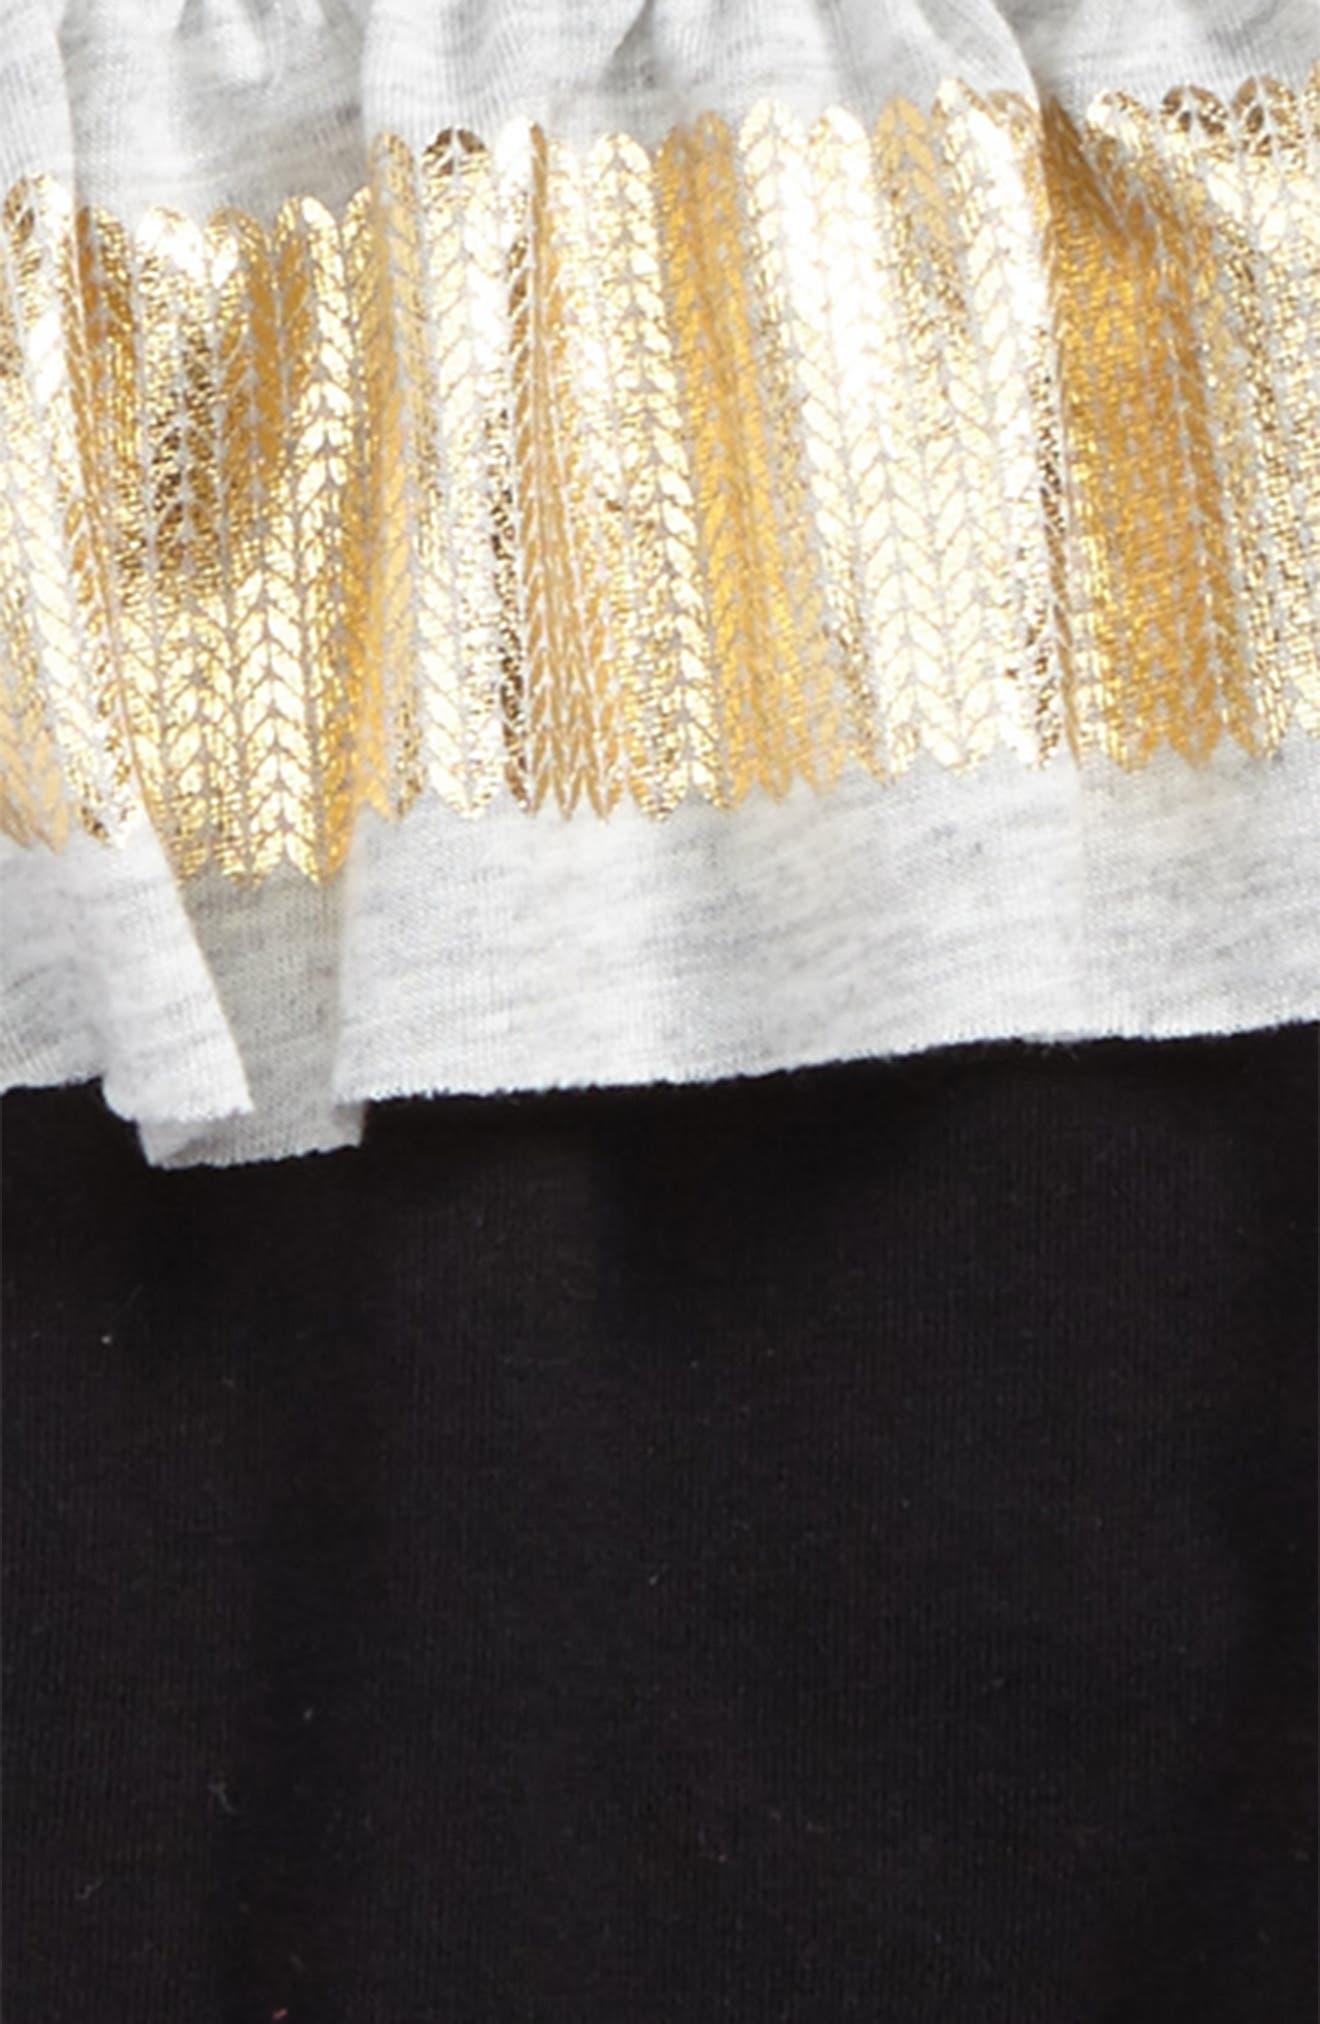 Shimmer Stripe Ruffle Top & Leggings Set,                             Alternate thumbnail 2, color,                             Stripe